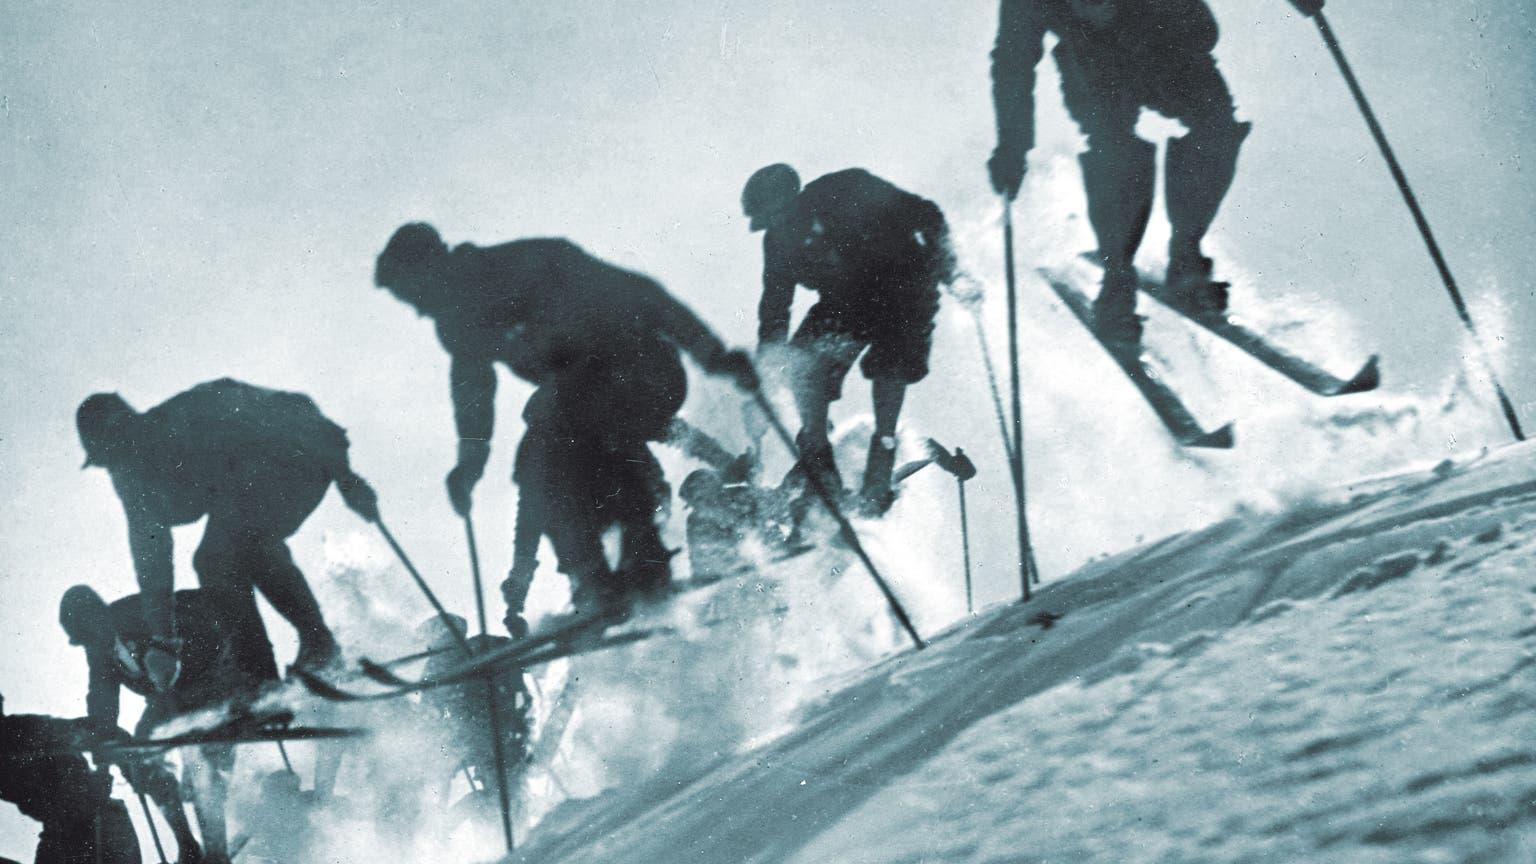 Skifilme fürs Heimkino: Einst waren sie Werbung, neuerdings bieten sie gute Geschichten